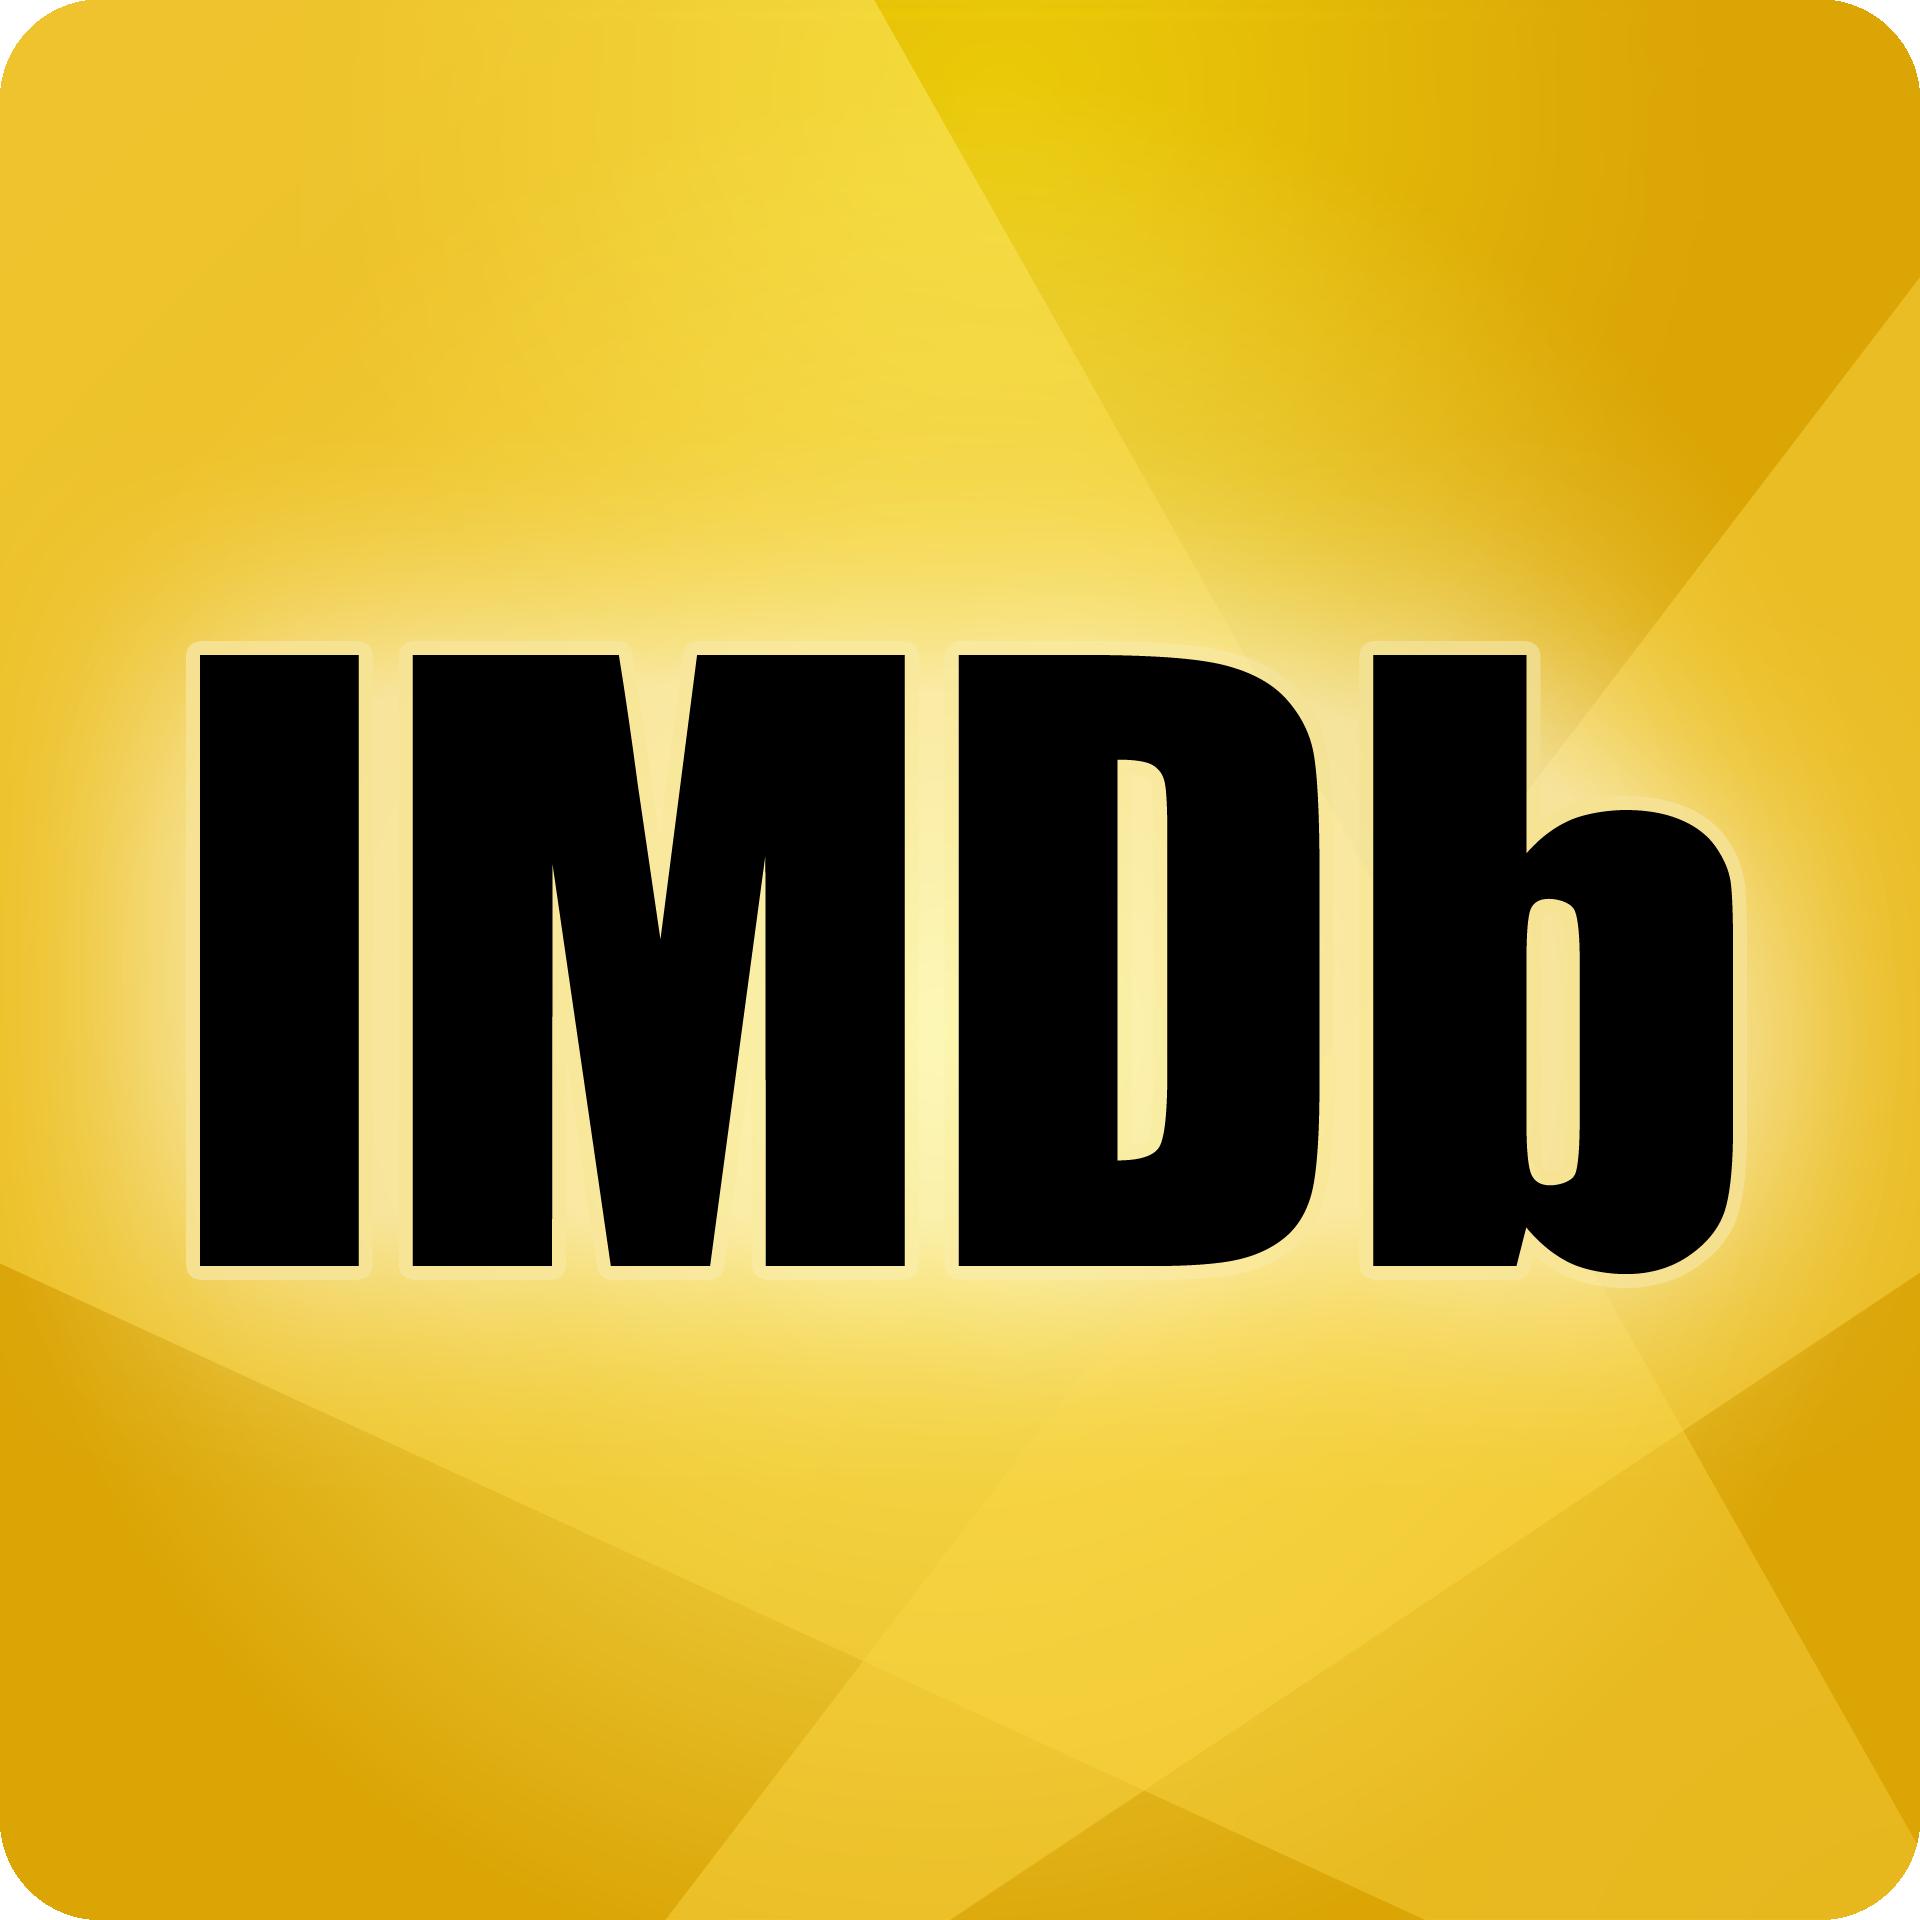 http://www.imdb.com/title/tt0270174/